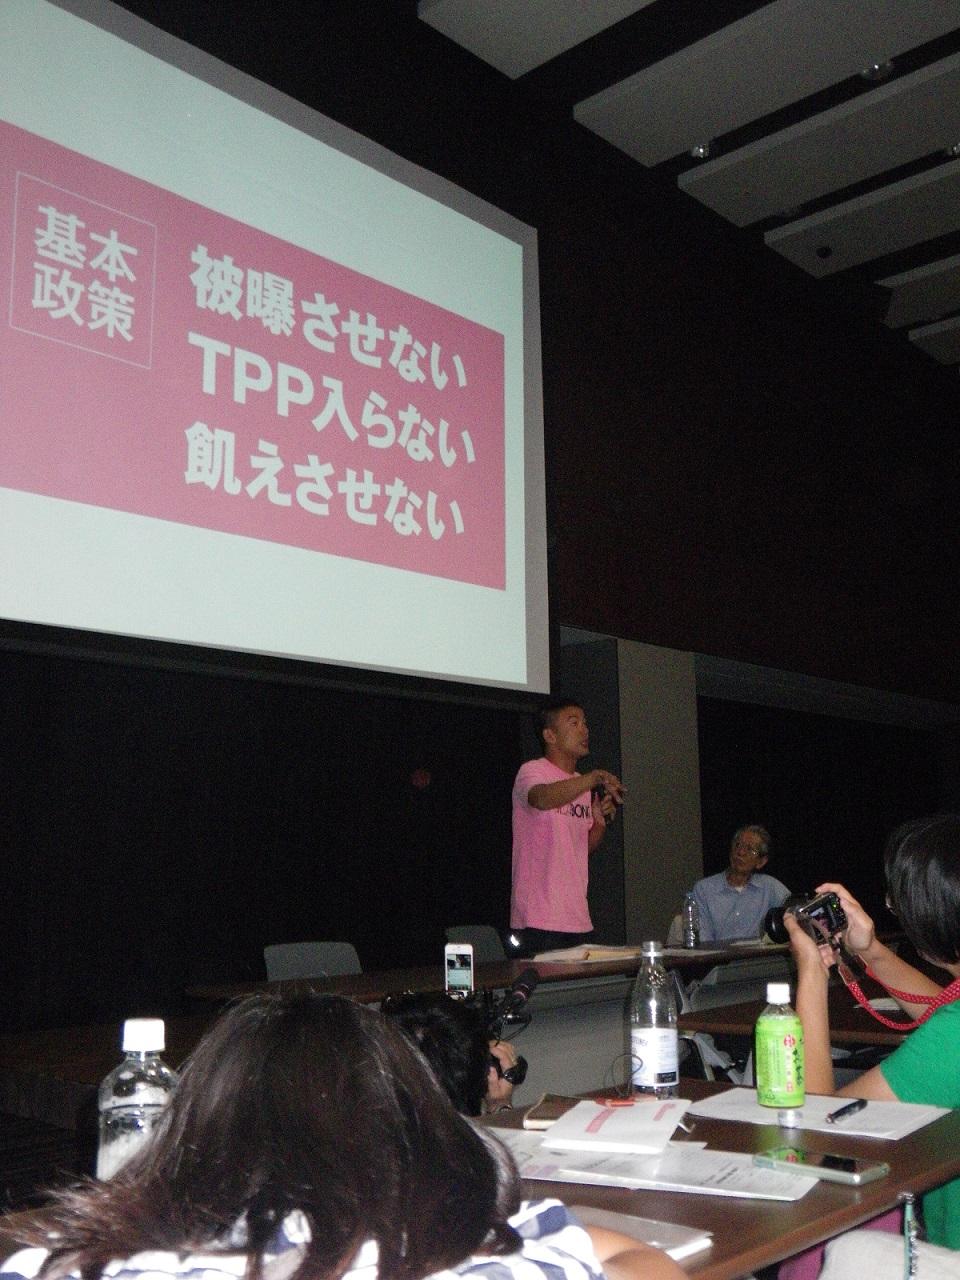 山本太郎氏をサポートする女性後援会8・30集会 参議院会館講堂 20130830